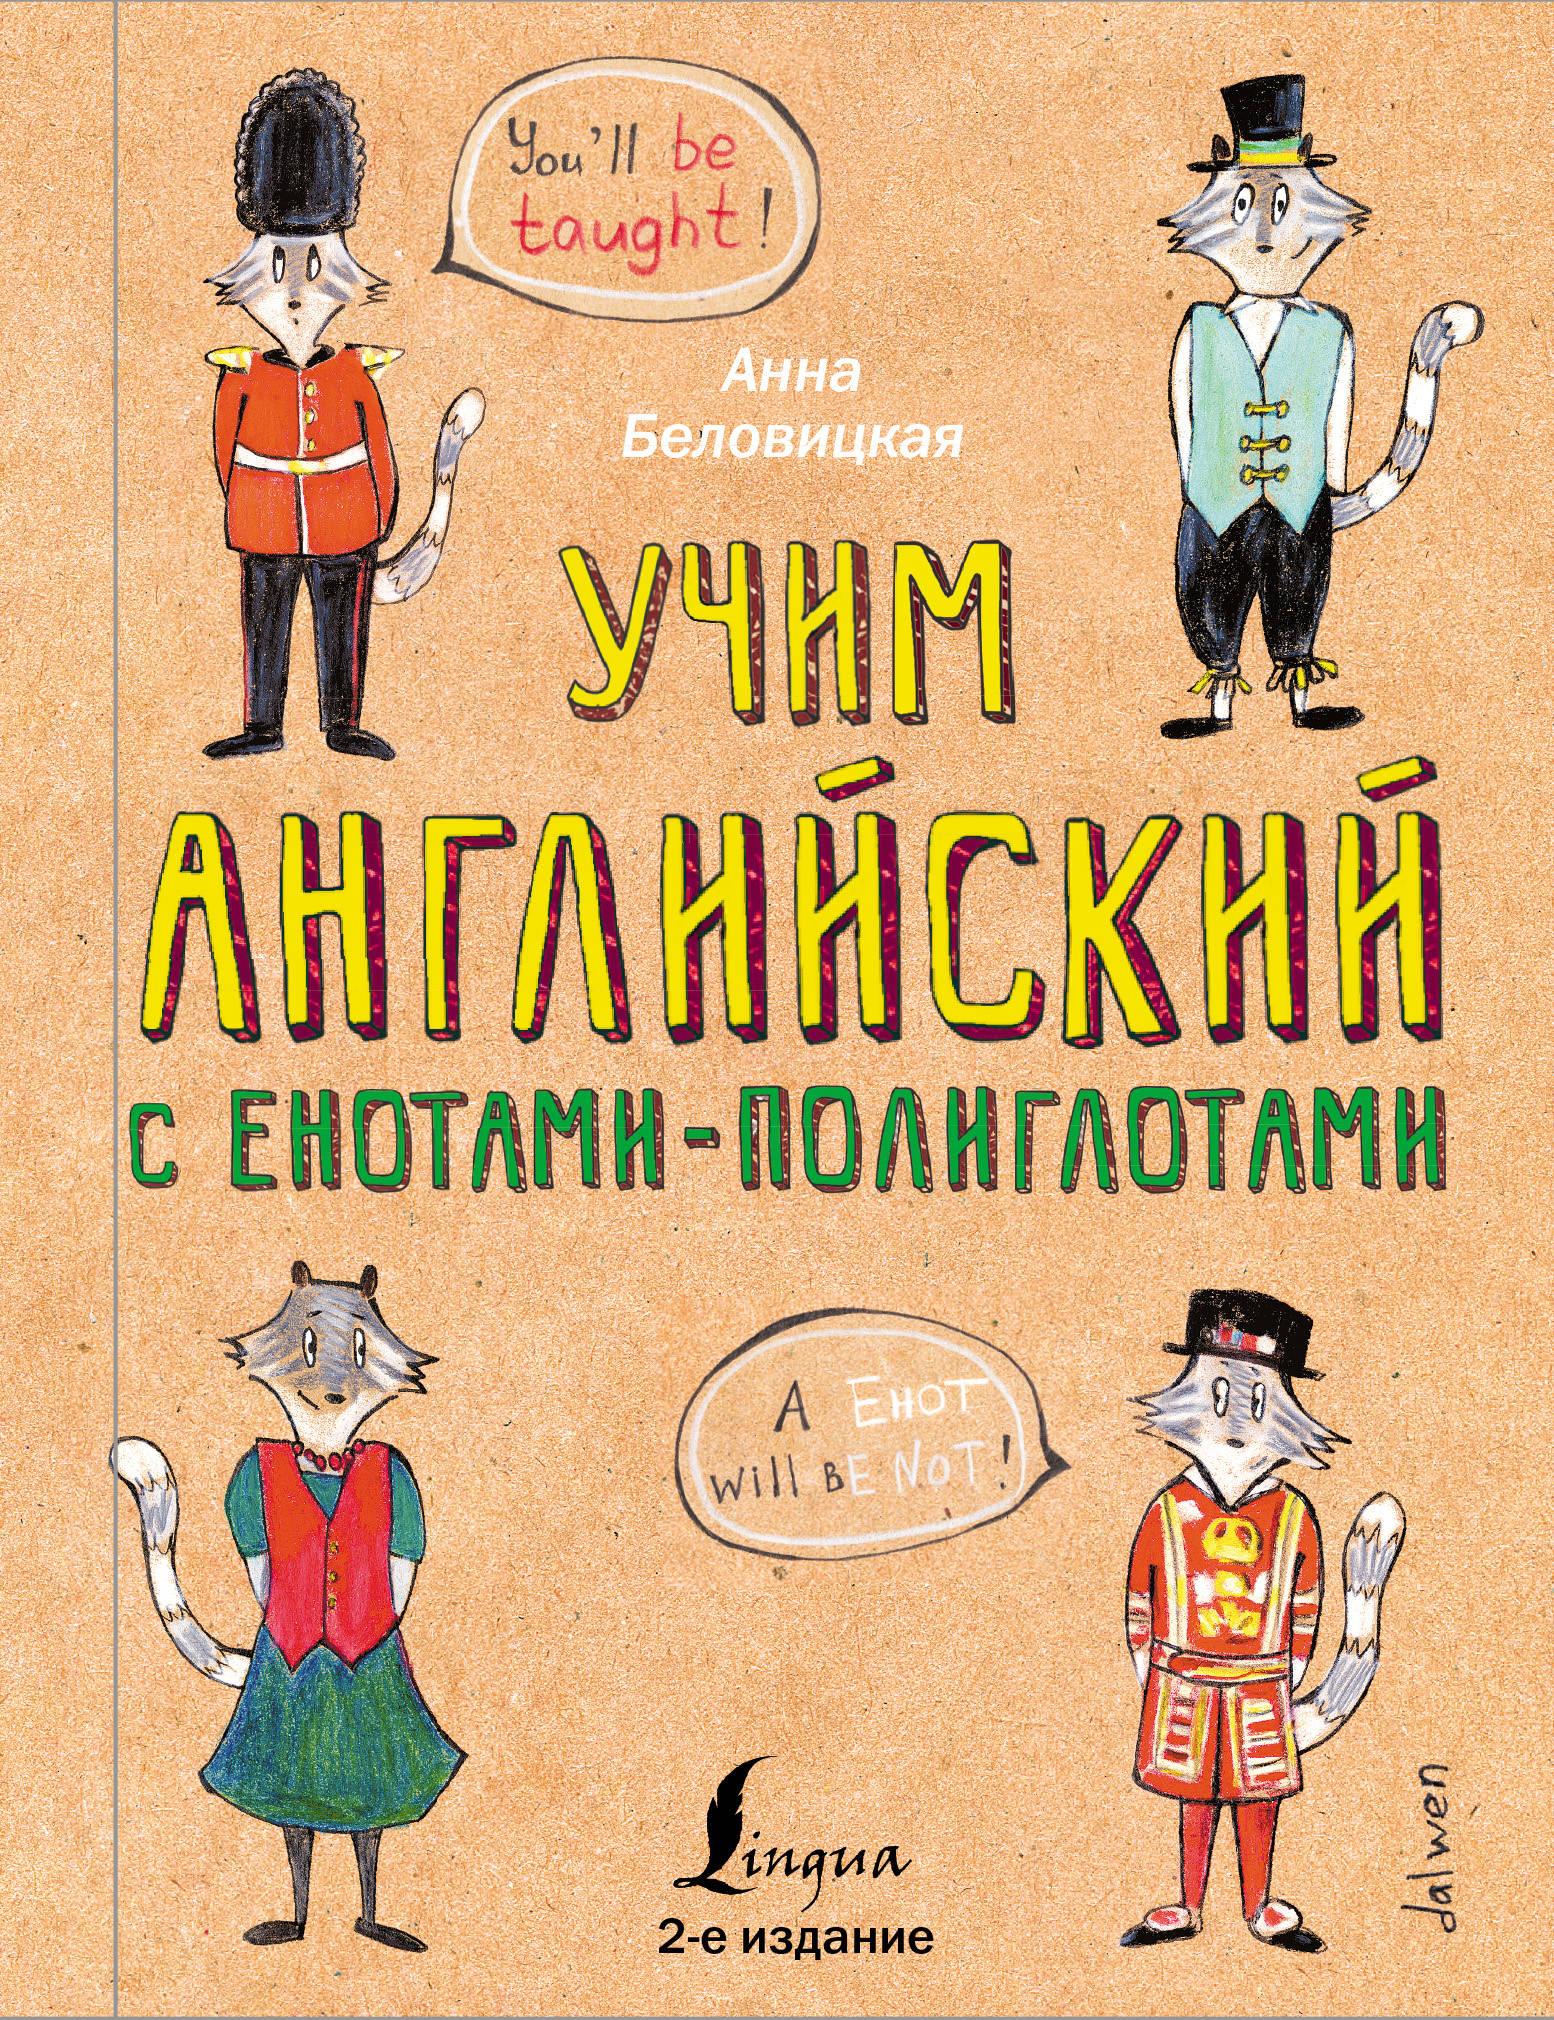 Uchim anglijskij jazyk s enotami-poliglotami